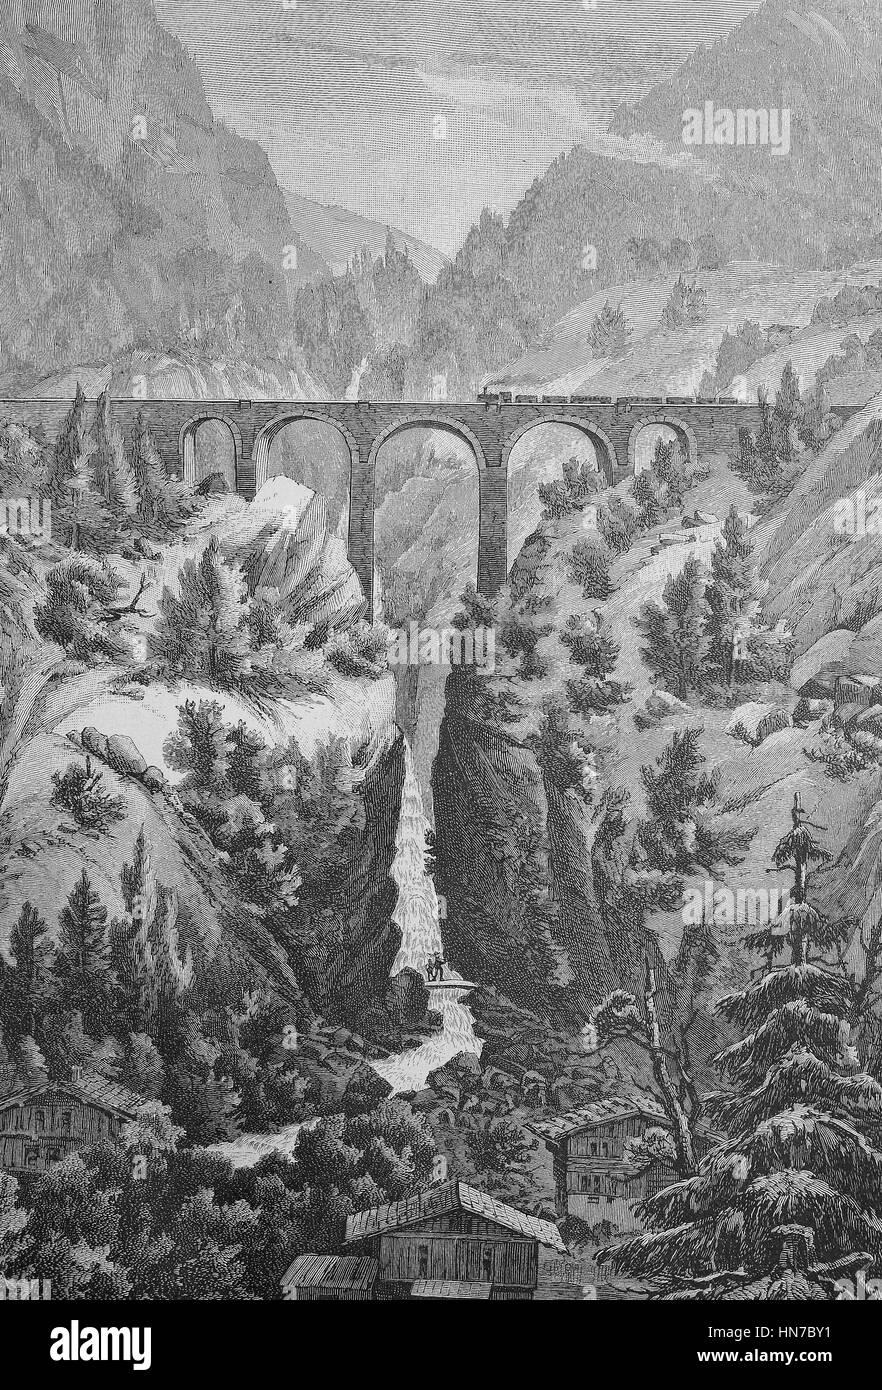 Das Viadukt der Arlbergbahn in Dalaas, Österreich, Das Viadukt der Arlbergbahn Bei Dalaas, Oesterreich, Holzschnitt Stockbild